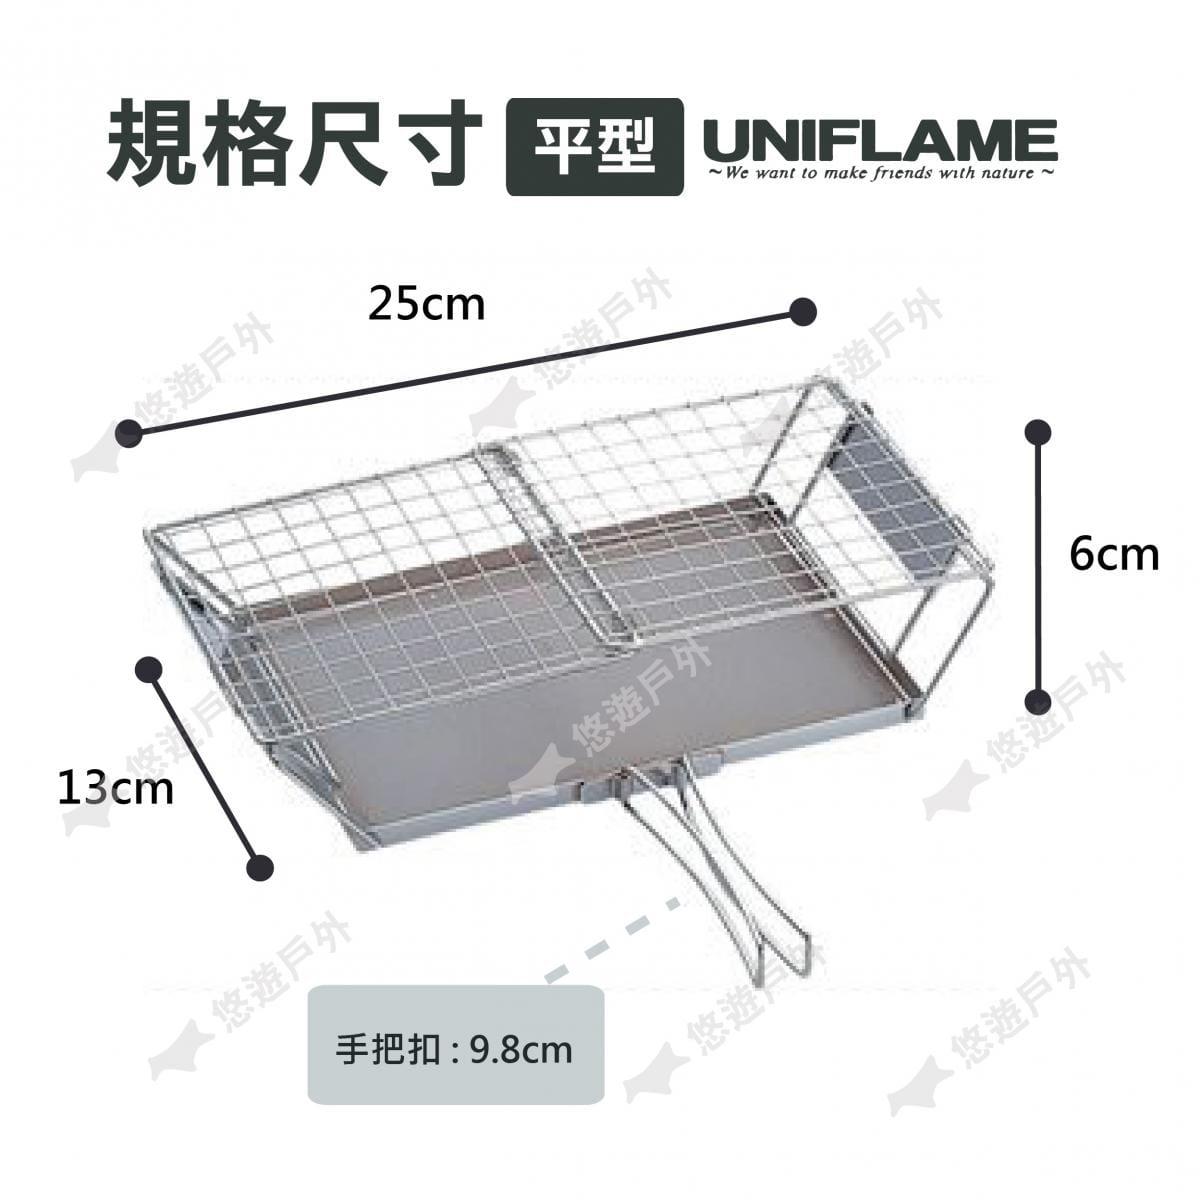 【悠遊戶外】UNIFLAME烤土司架 5